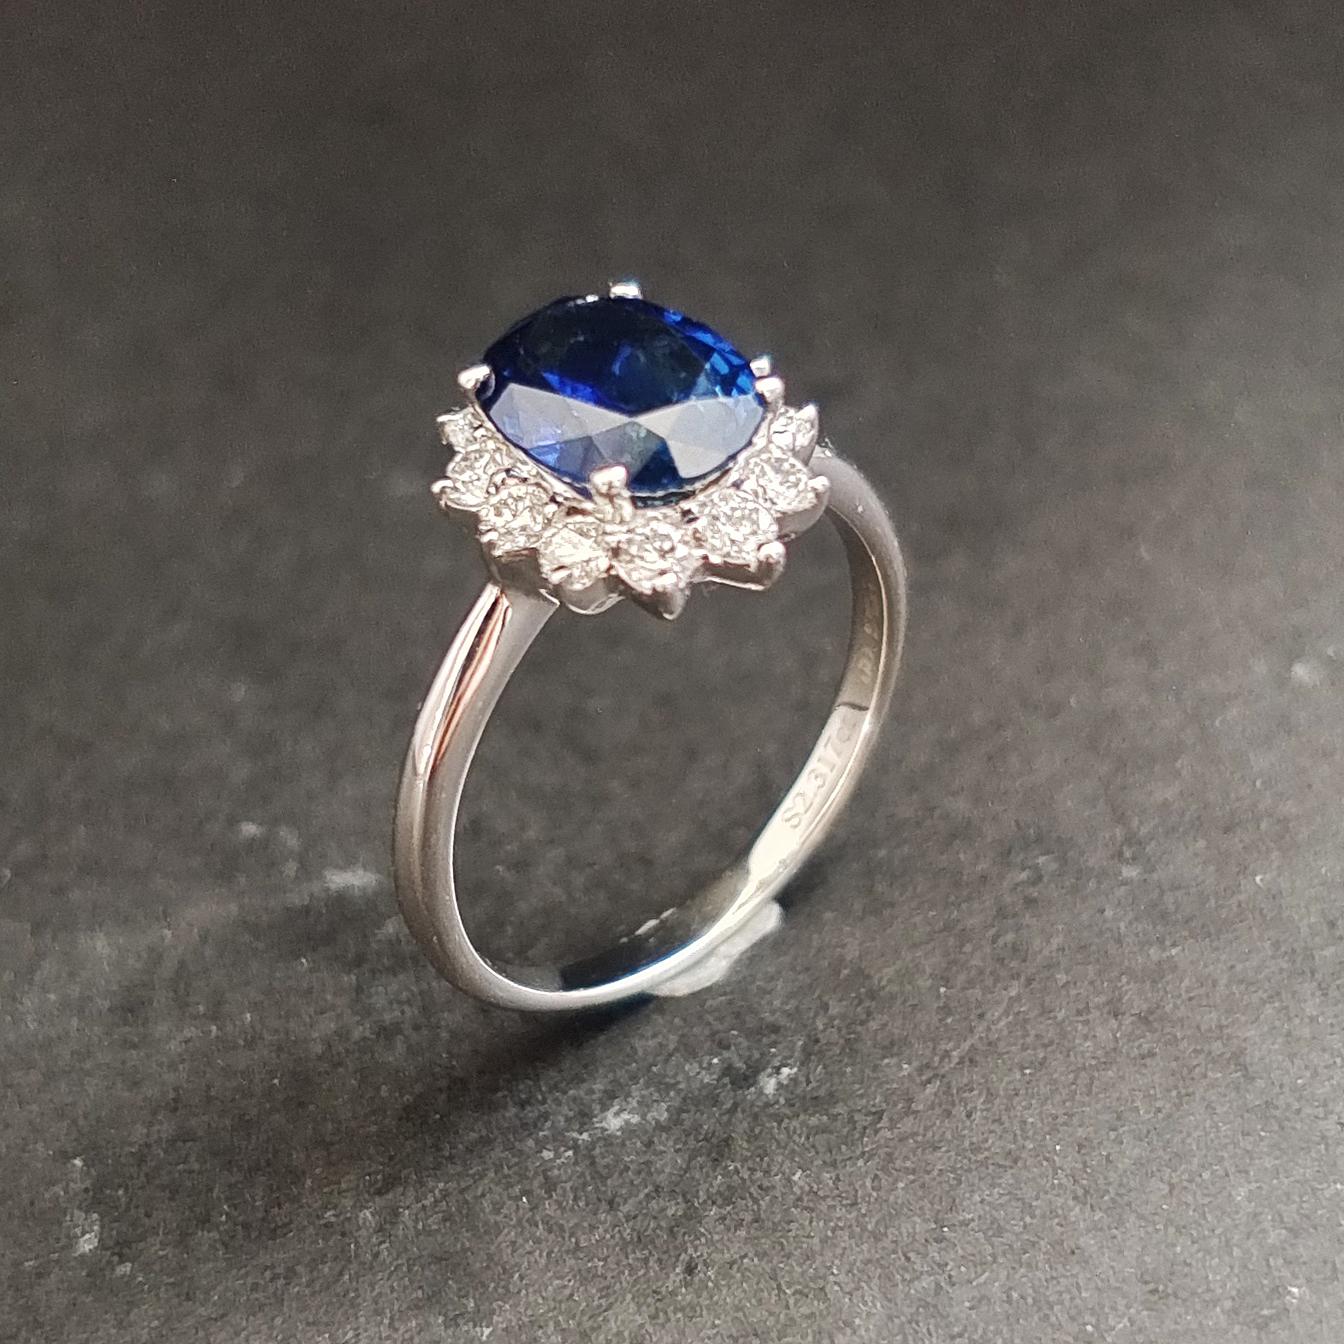 【【戒指】18K金+蓝宝石+钻石 宝石颜色纯正 主石:2.31ct/P 货重:3.55g 手寸:15寸】图2